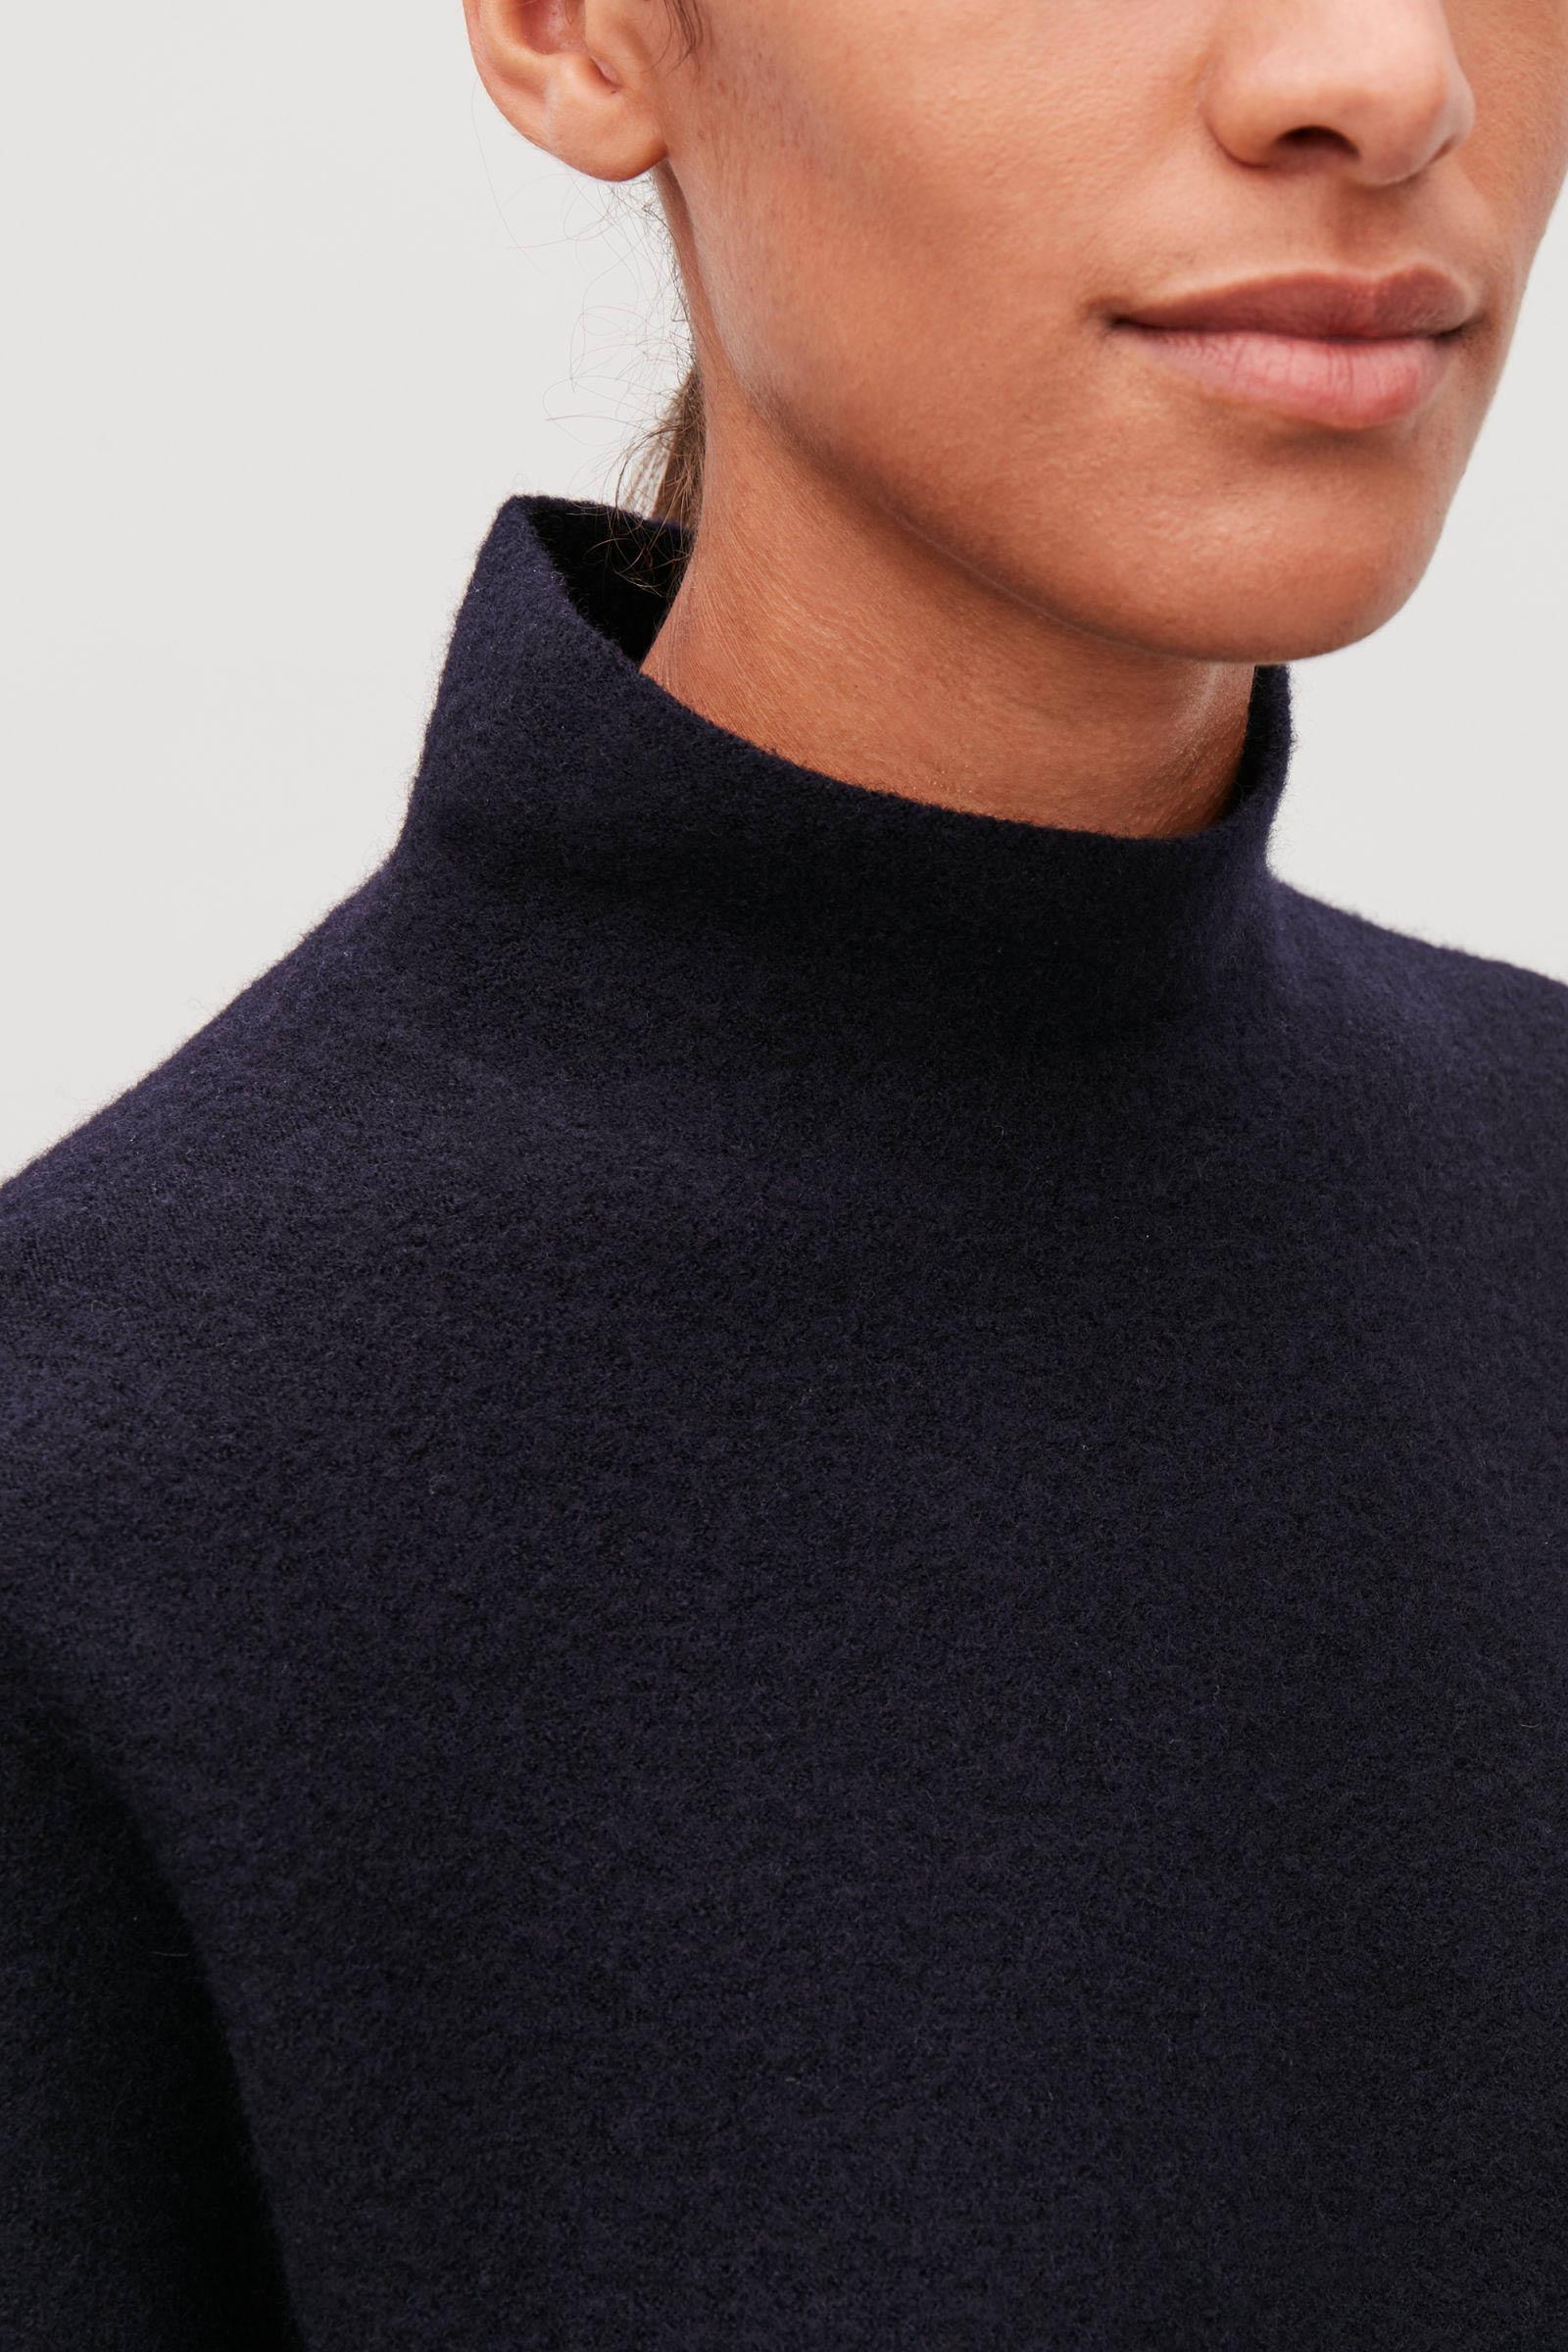 COS 보일드 울 심리스 스웨터의 미드나이트 블루컬러 ECOMLook입니다.